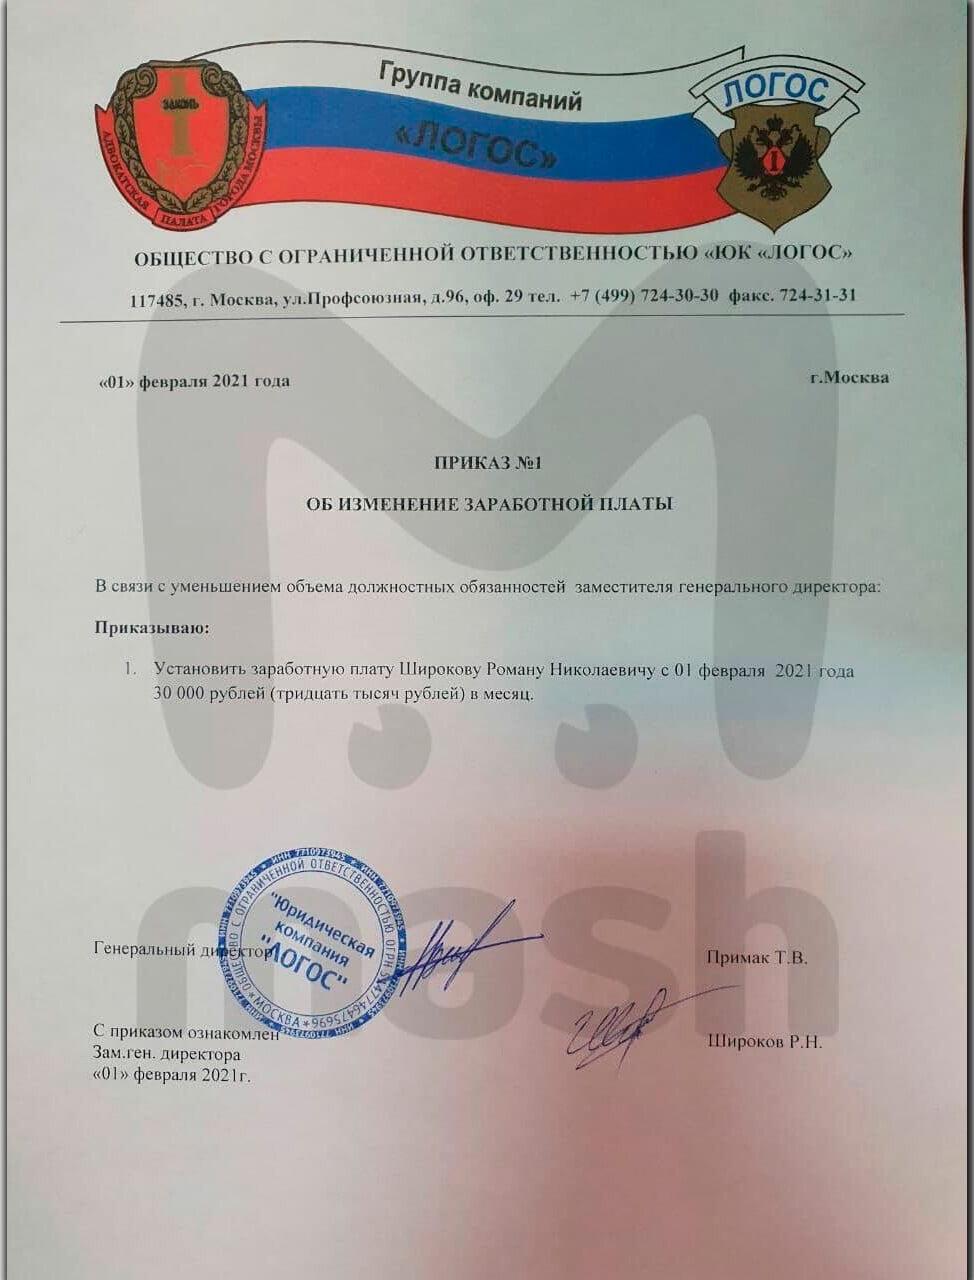 Теперь Широков официально зарабатывает 30 тысяч – компенсацию избитому судье будет выплачивать почти 2 года